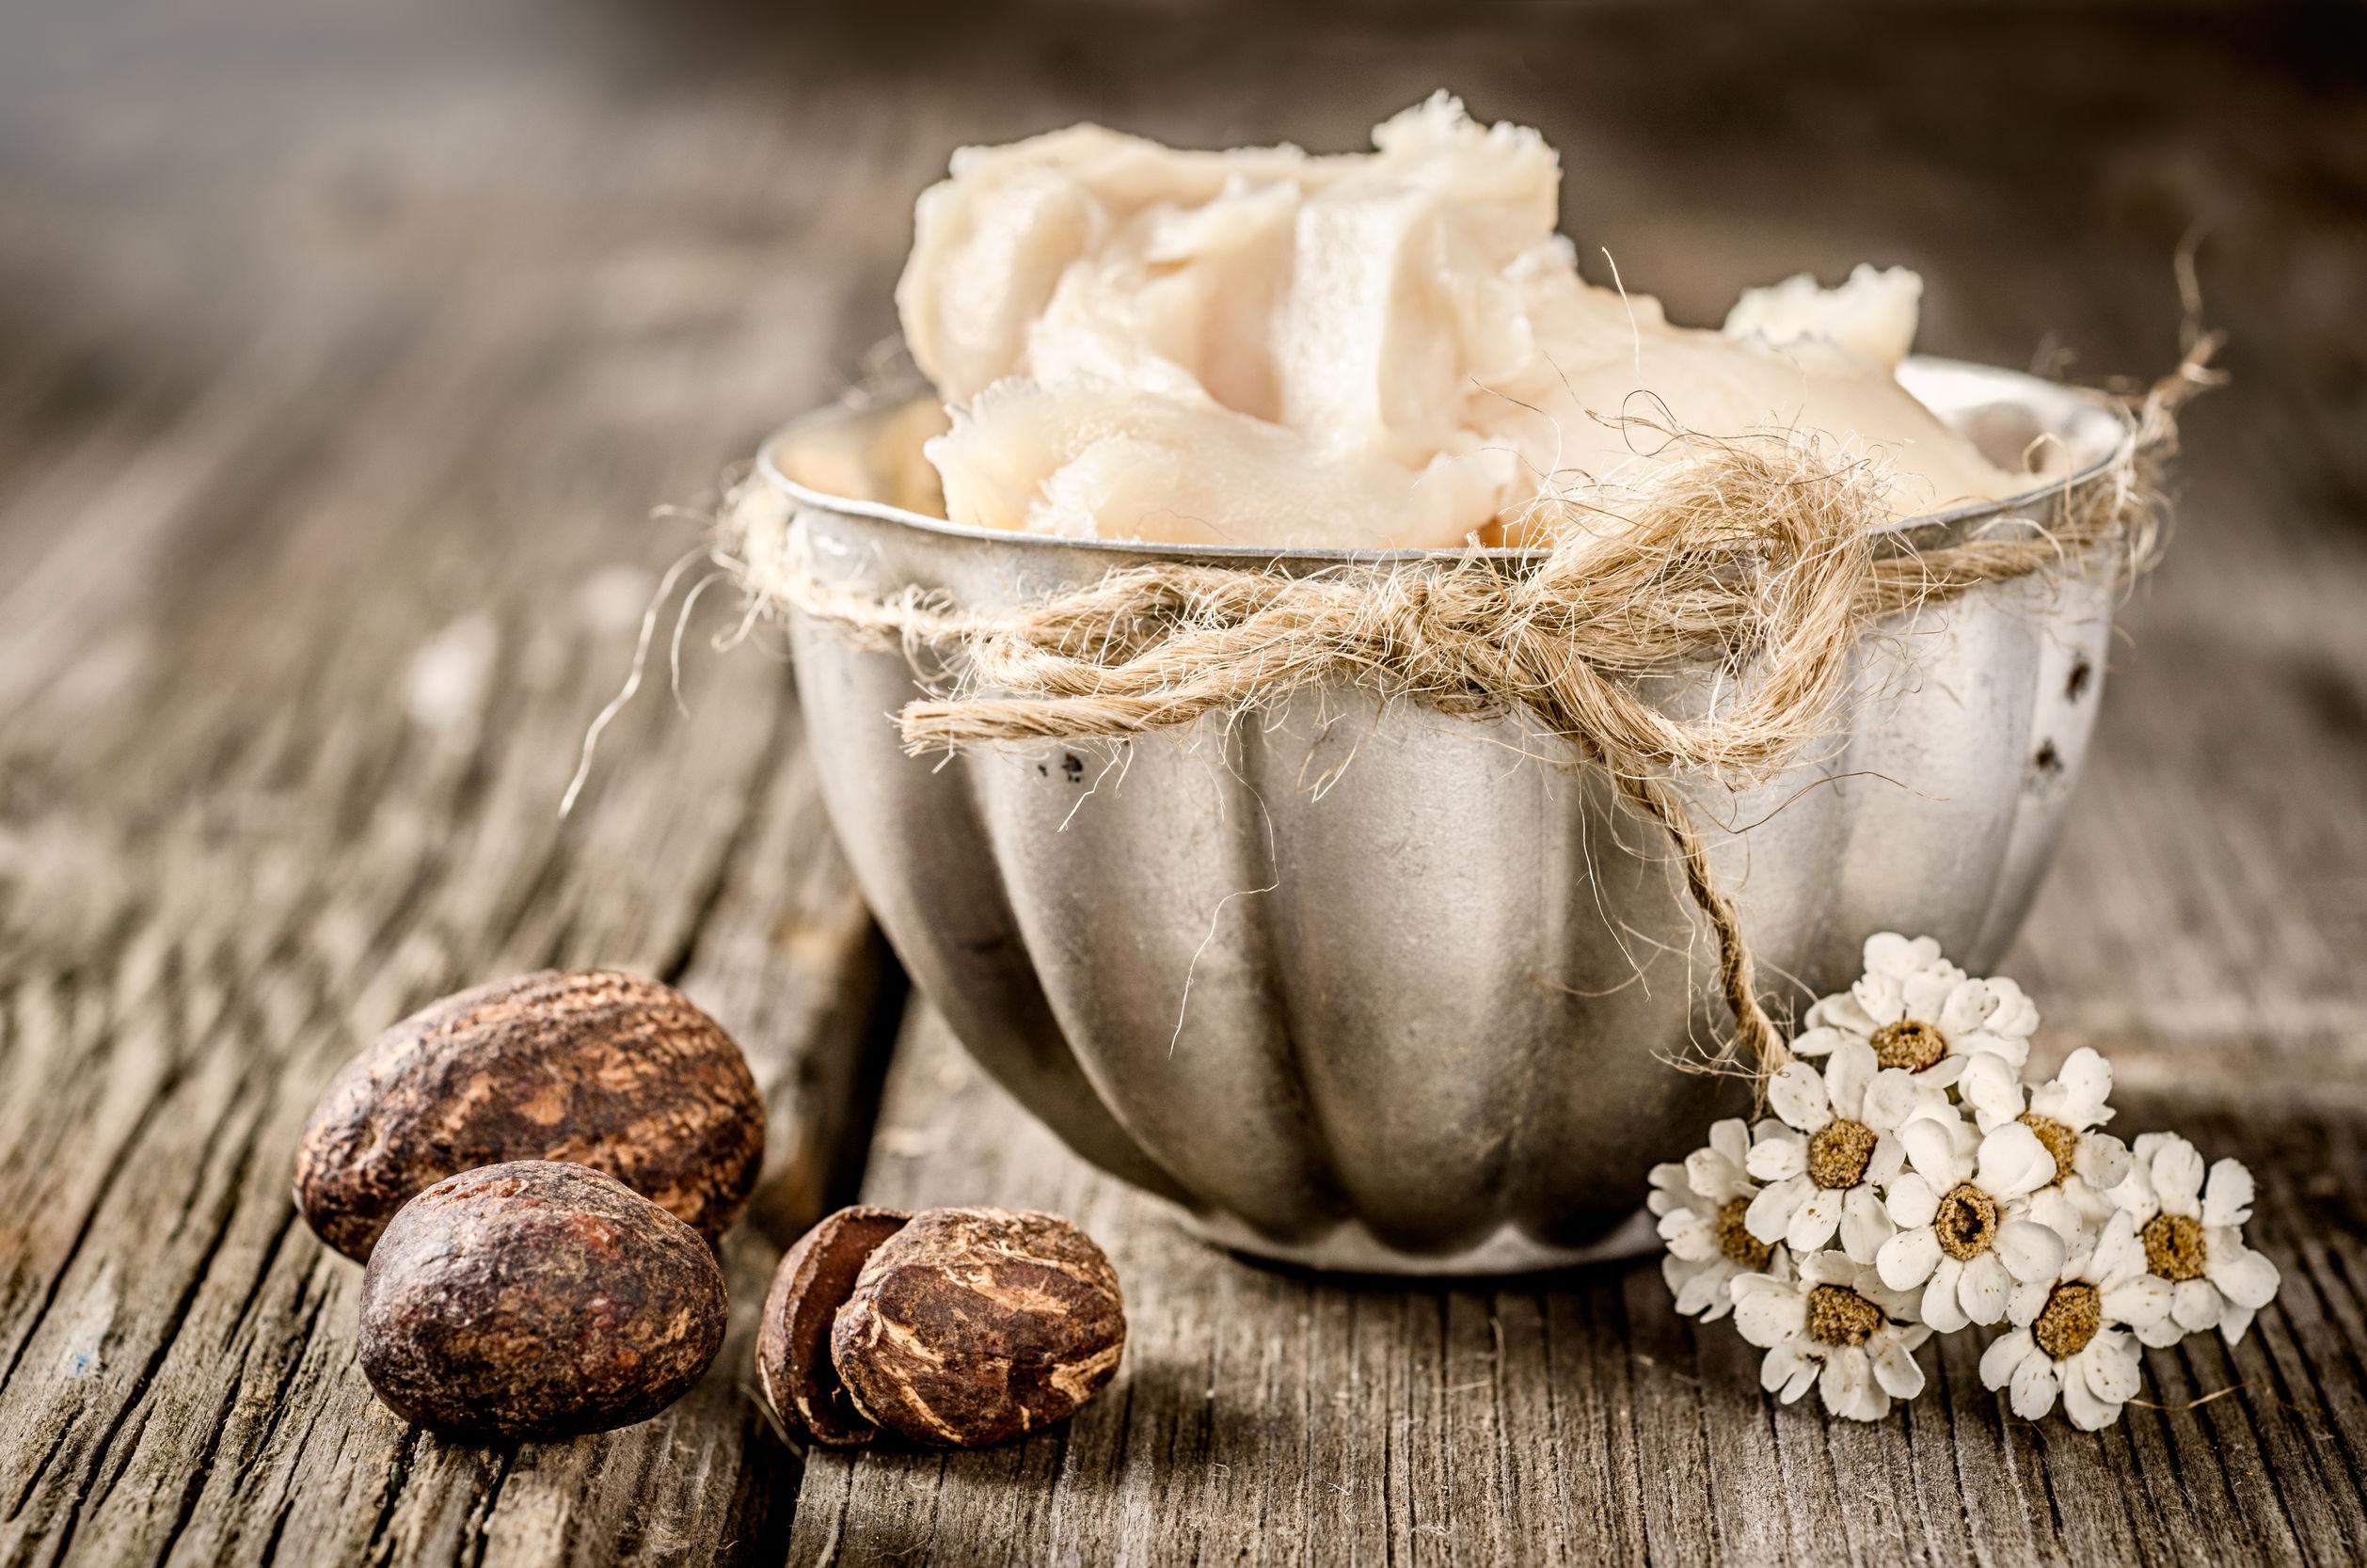 Mantequilla de karité y nueces en una mader